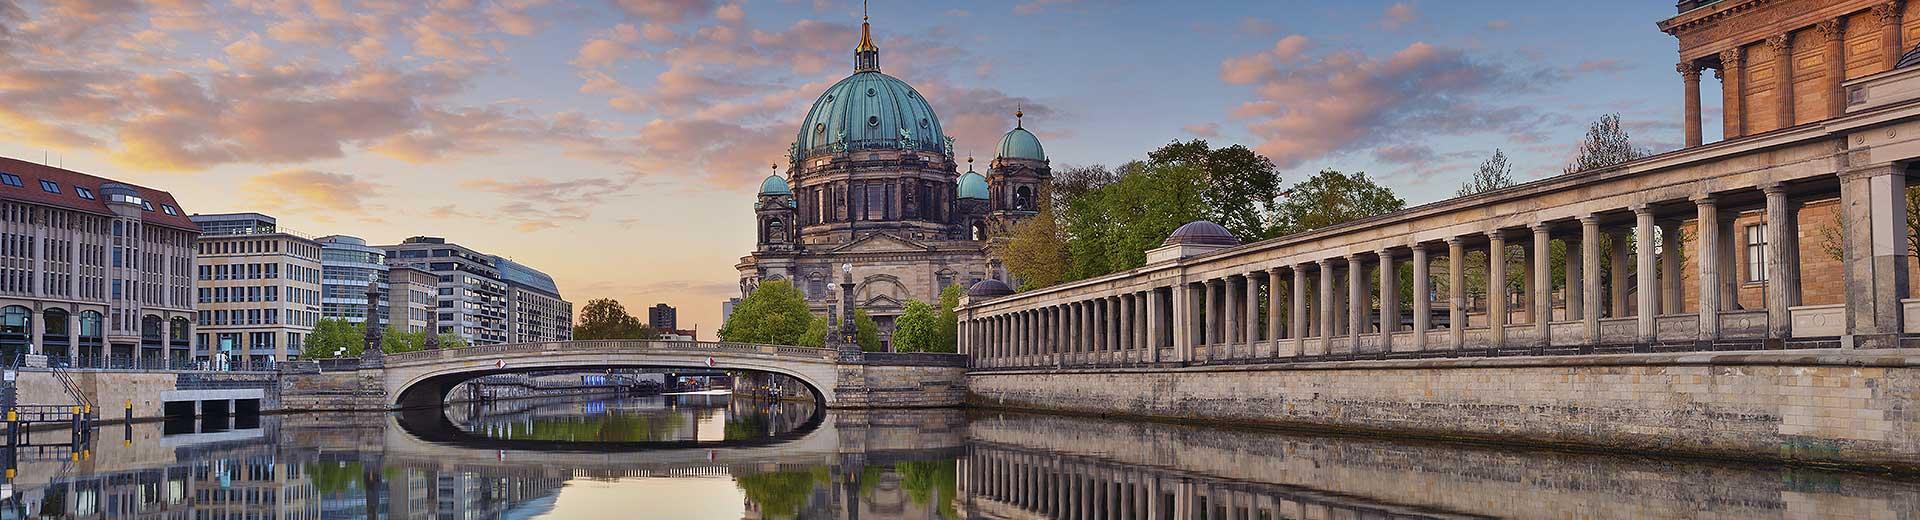 Gruppenreise Berlin - Package Gruppen Budget Bahn